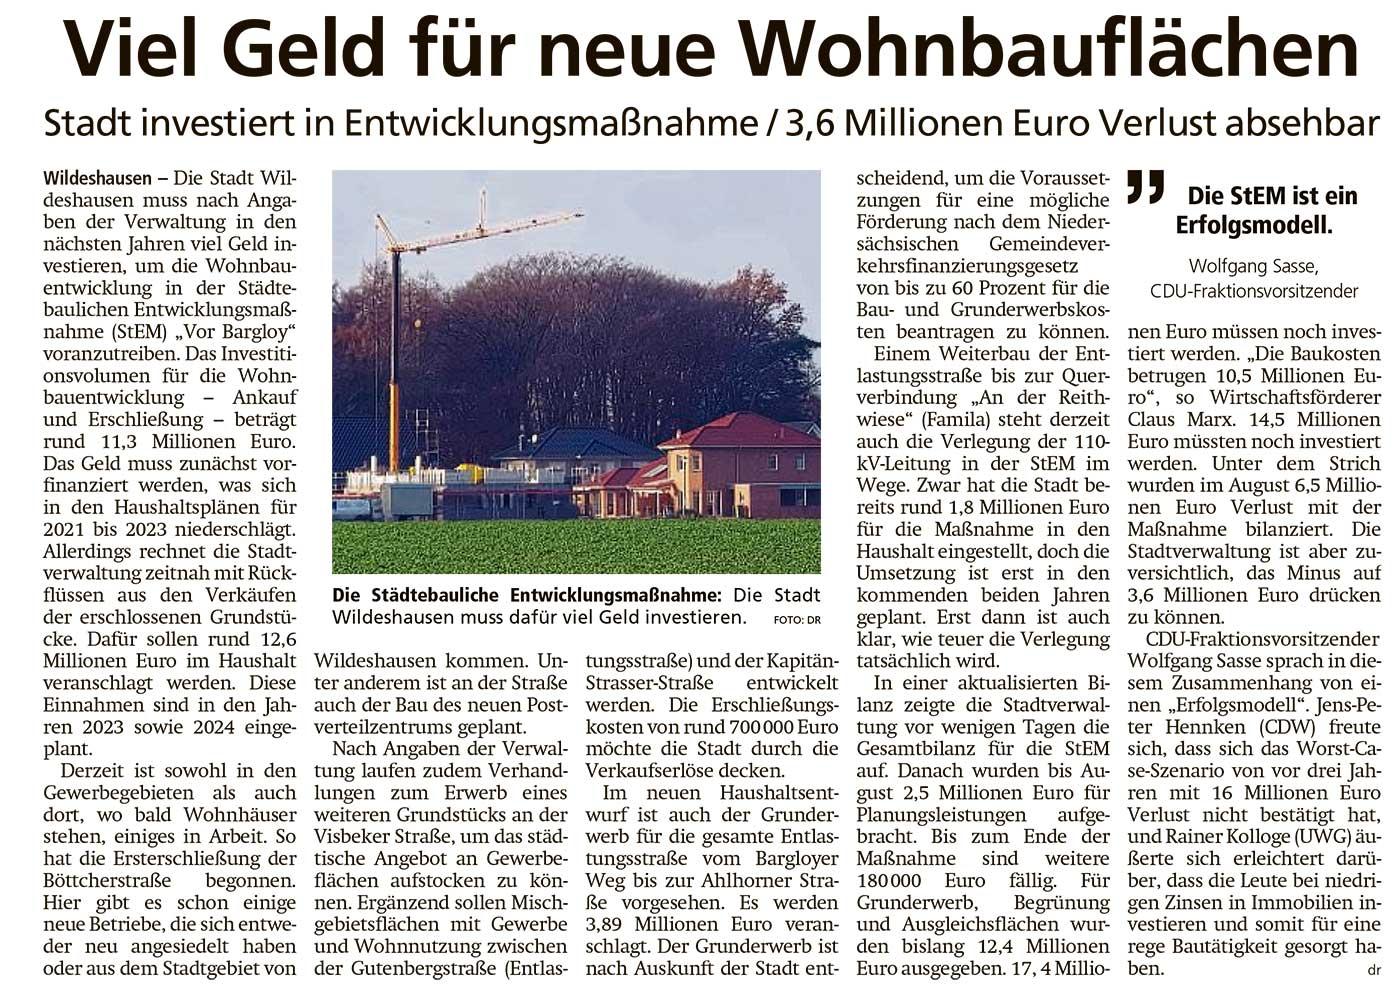 Viel Geld für neue WohnbauflächenStadt investiert in Entwicklungsmaßnahme / 3,6 Millionen Euro Verlust absehbarArtikel vom 30.11.2020 (WZ)